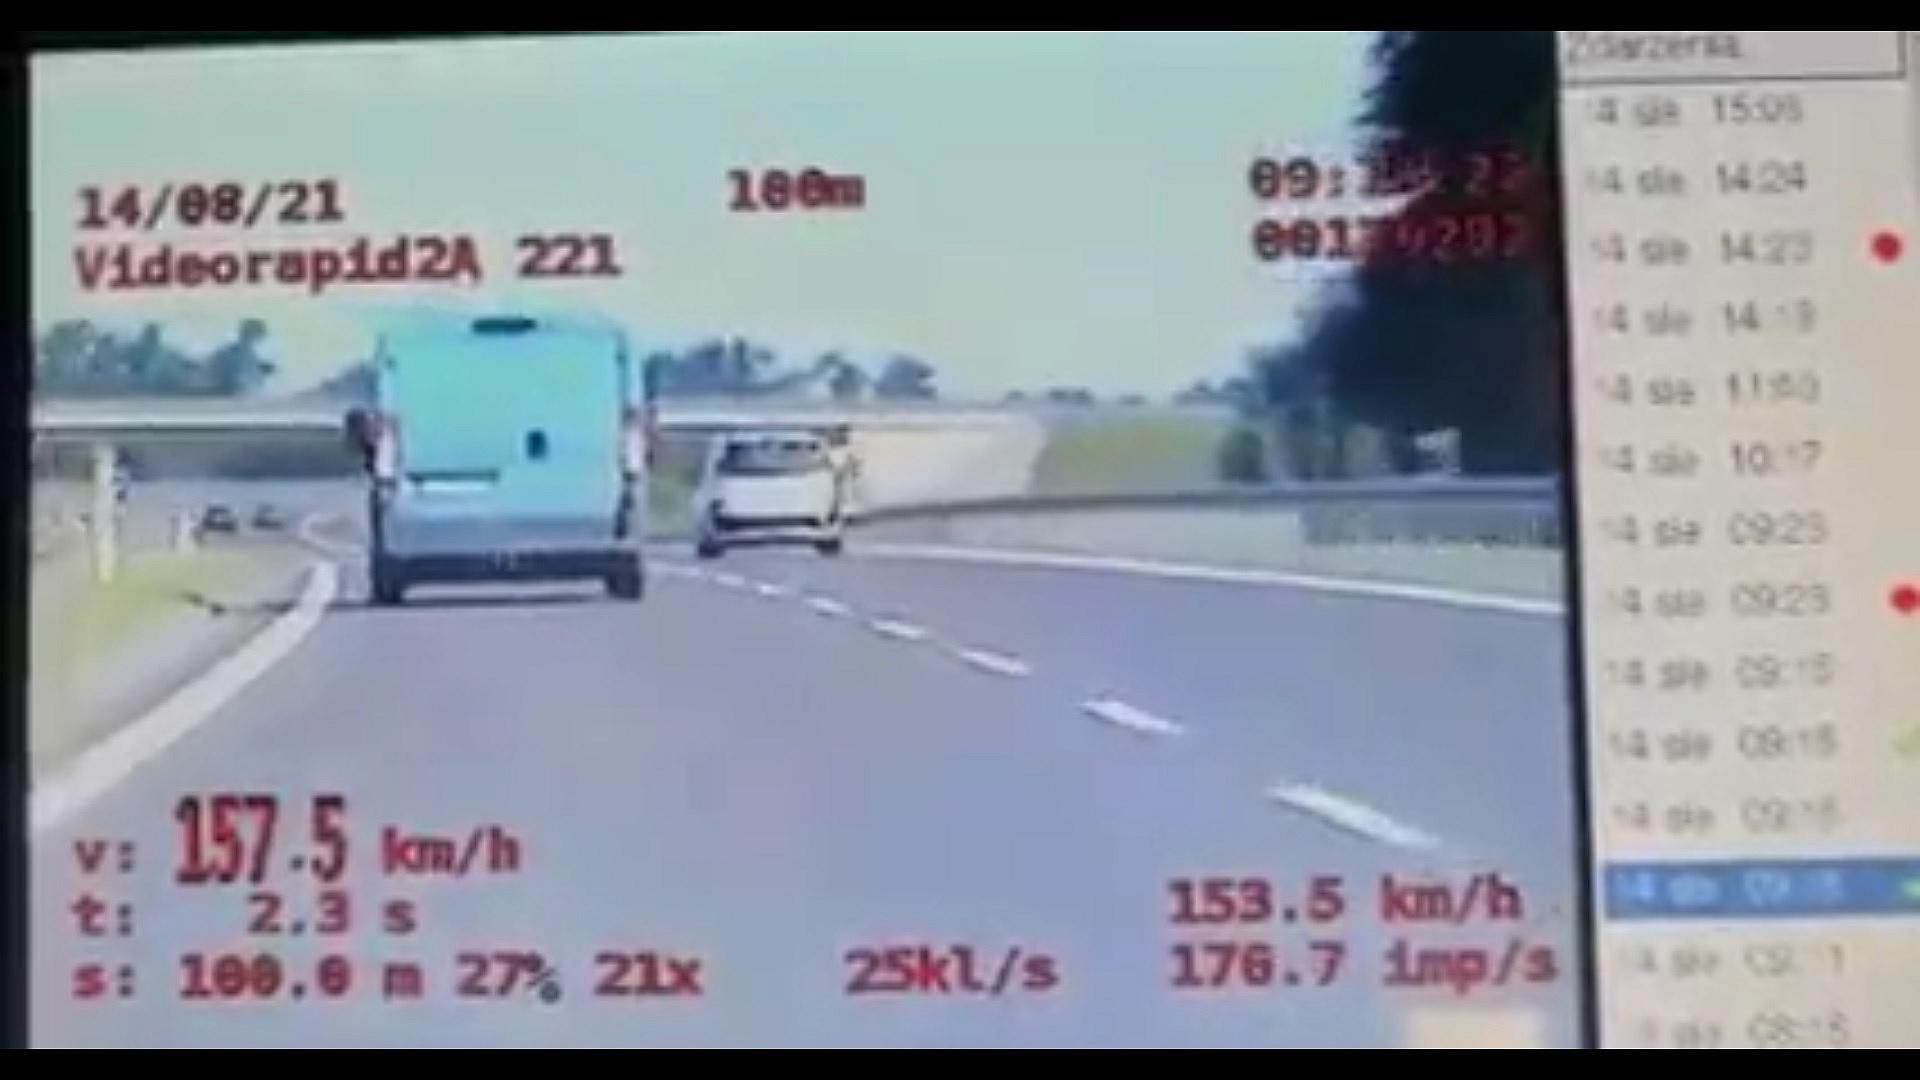 Pijany Ukrainiec pędził busem prawie 160 km/h! W trakcie jazdy zamienił się miejscami z pasażerem!